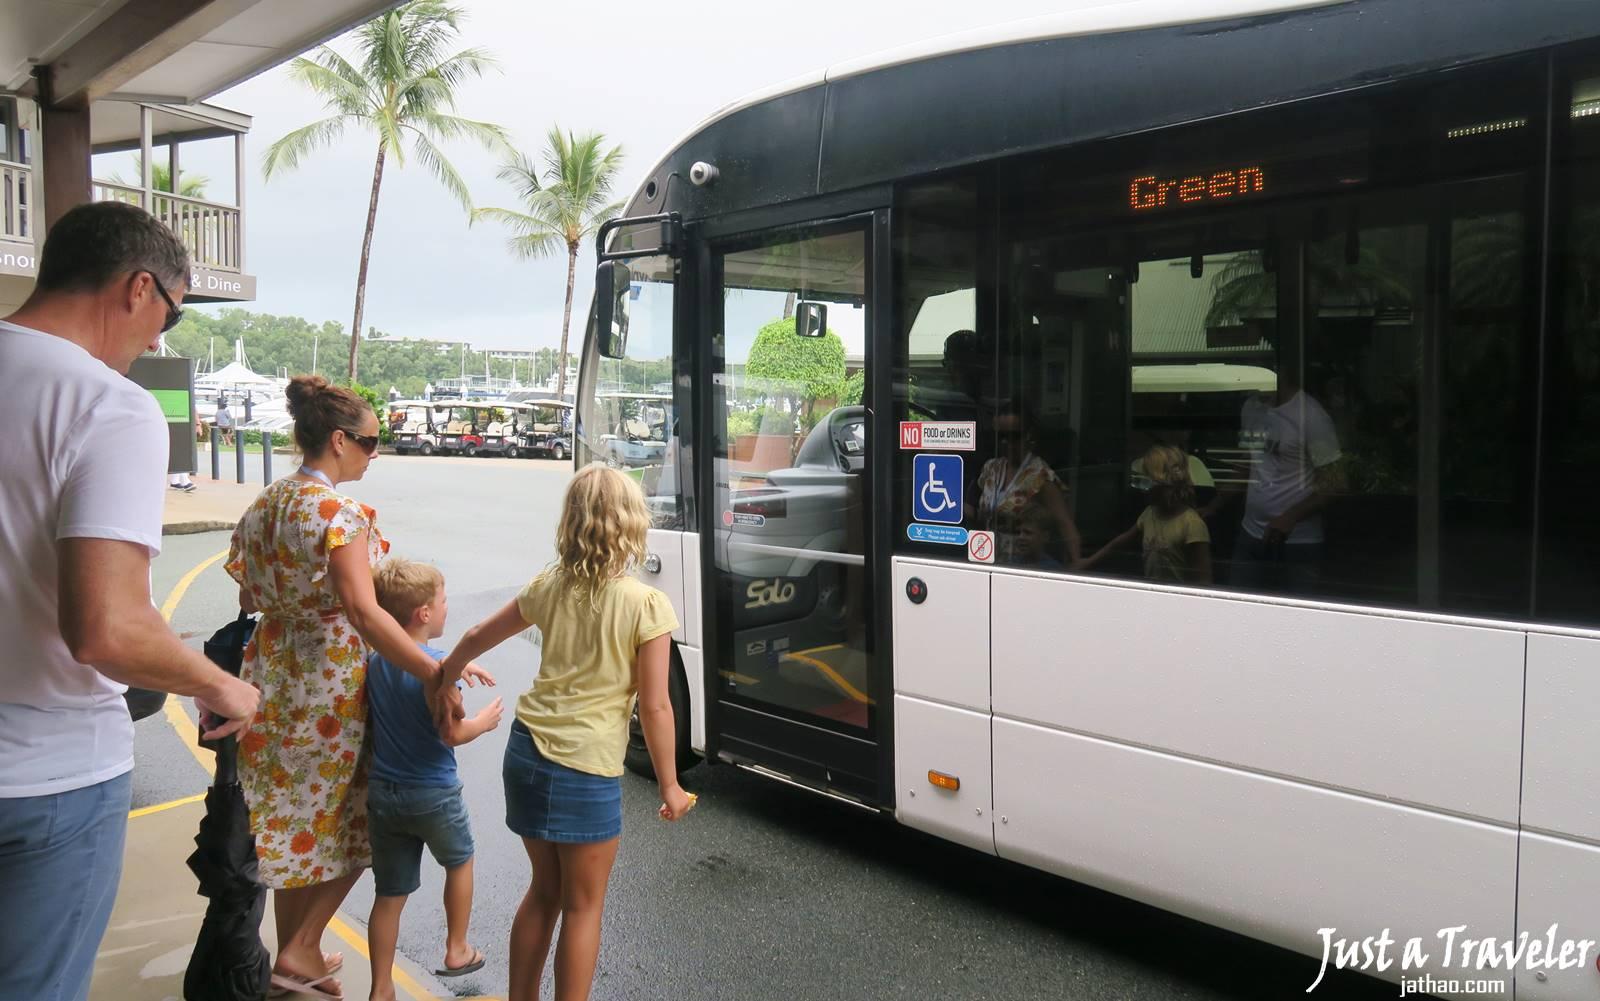 聖靈群島-漢密爾頓島-公車-巴士-景點-推薦-交通-遊記-自由行-行程-住宿-旅遊-度假-一日遊-澳洲-Hamilton-Island-Whitsundays